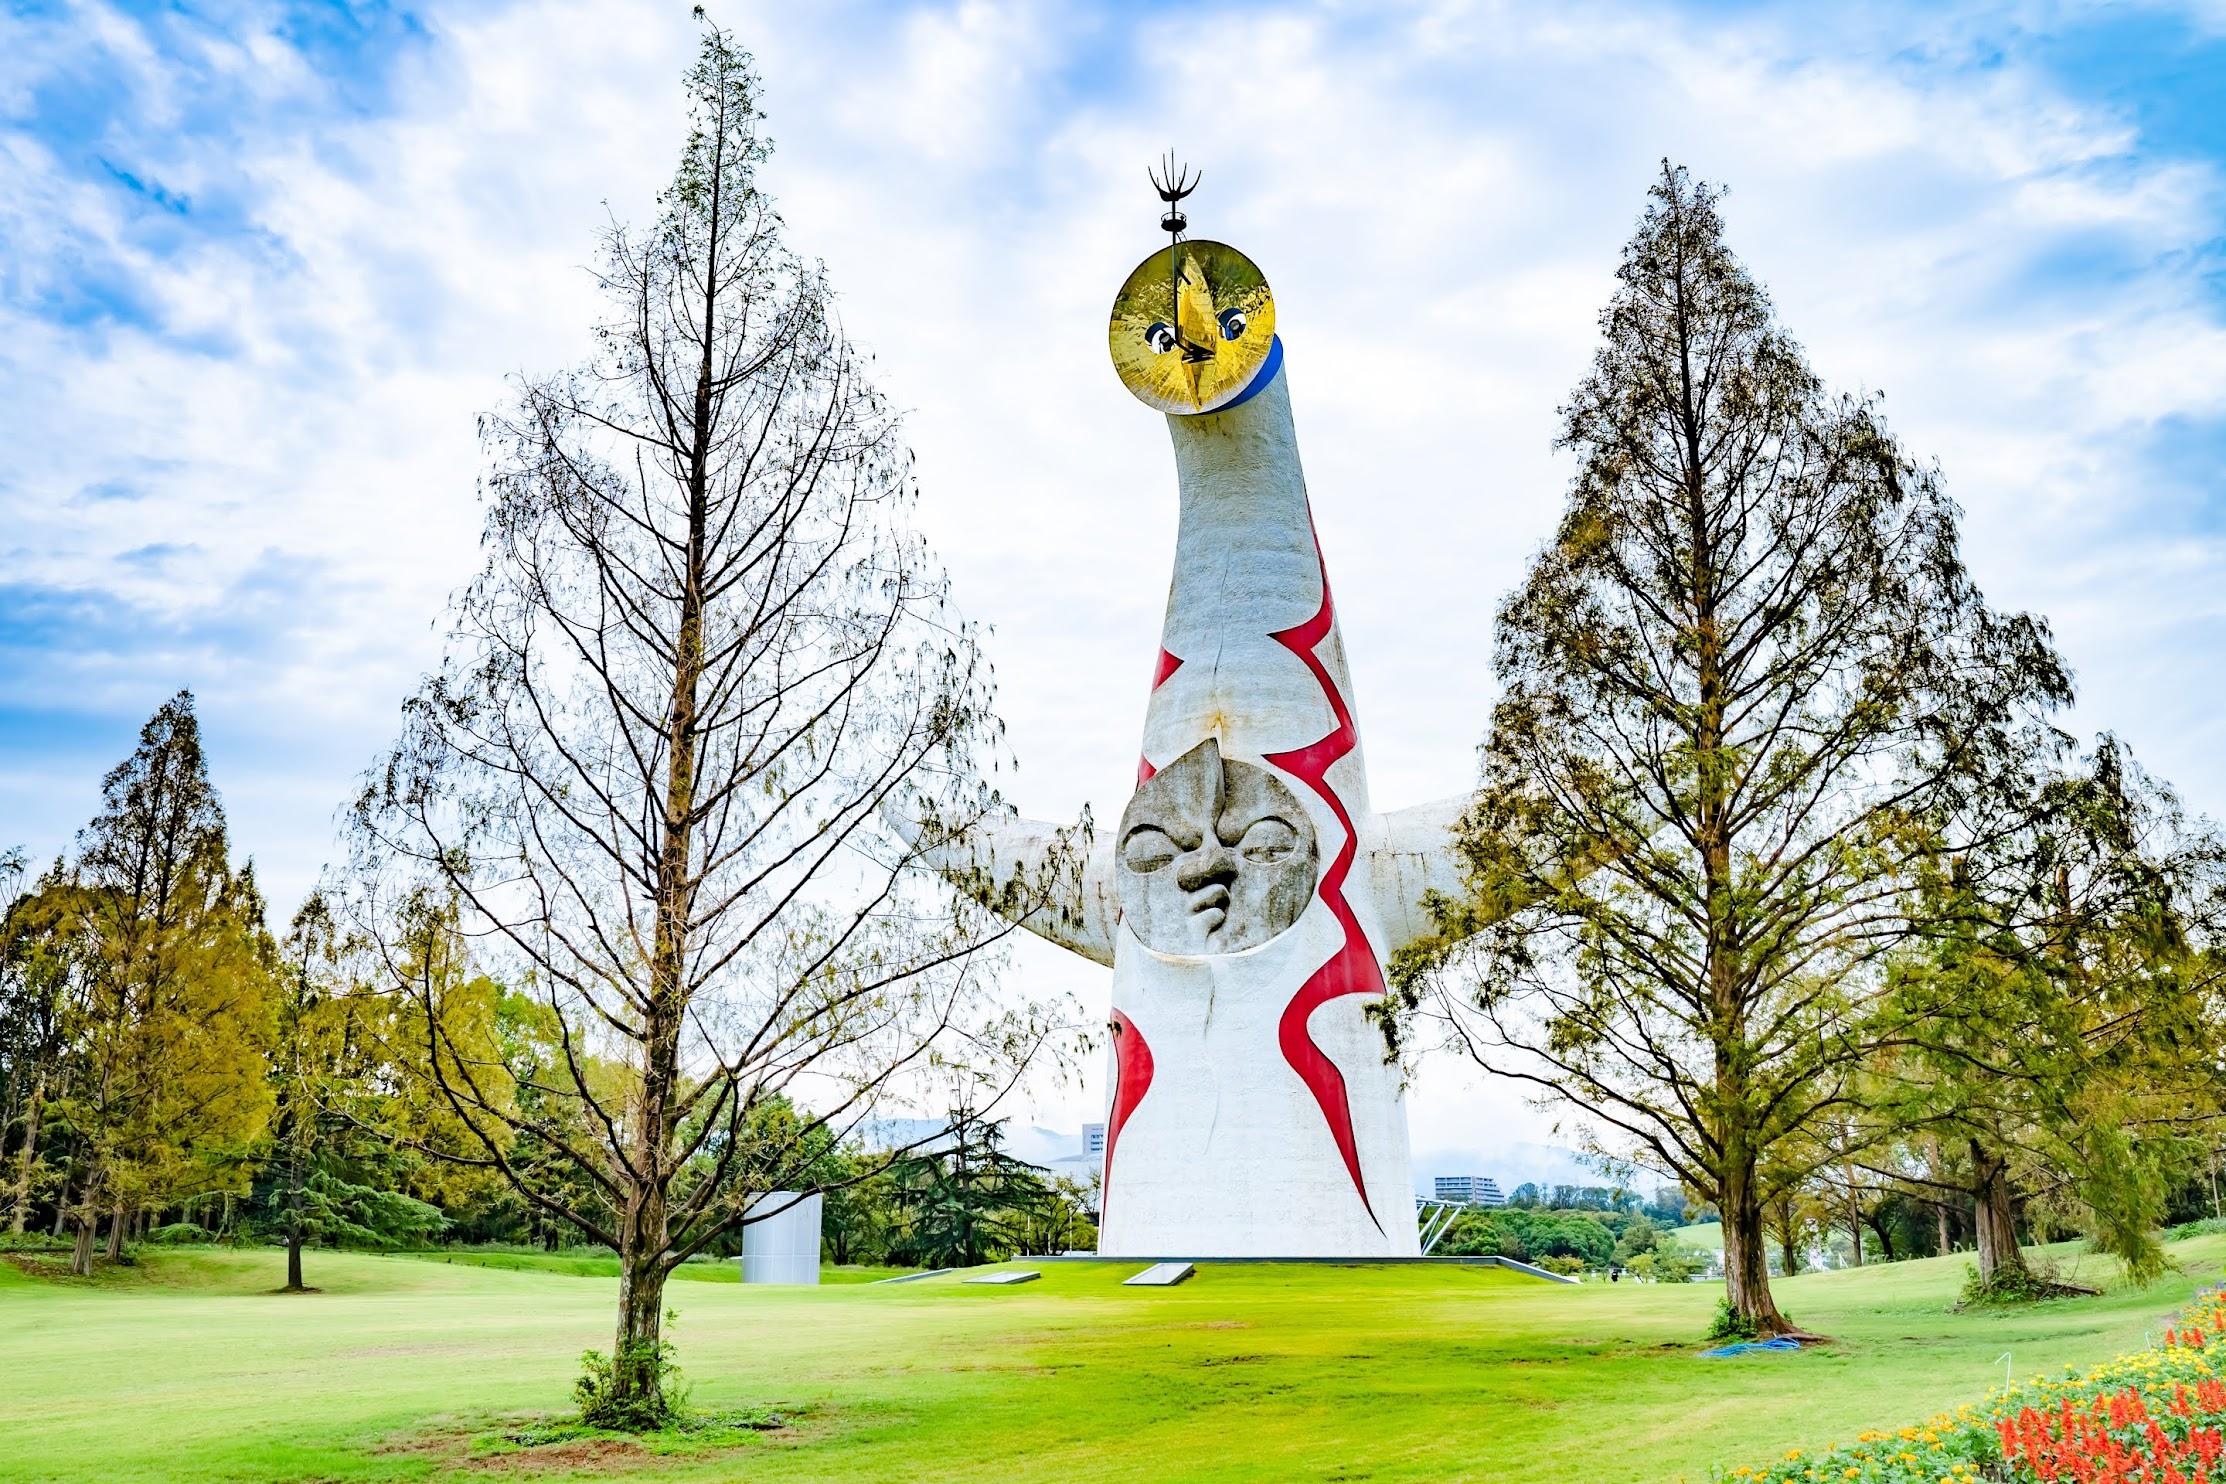 万博記念公園 太陽の塔3